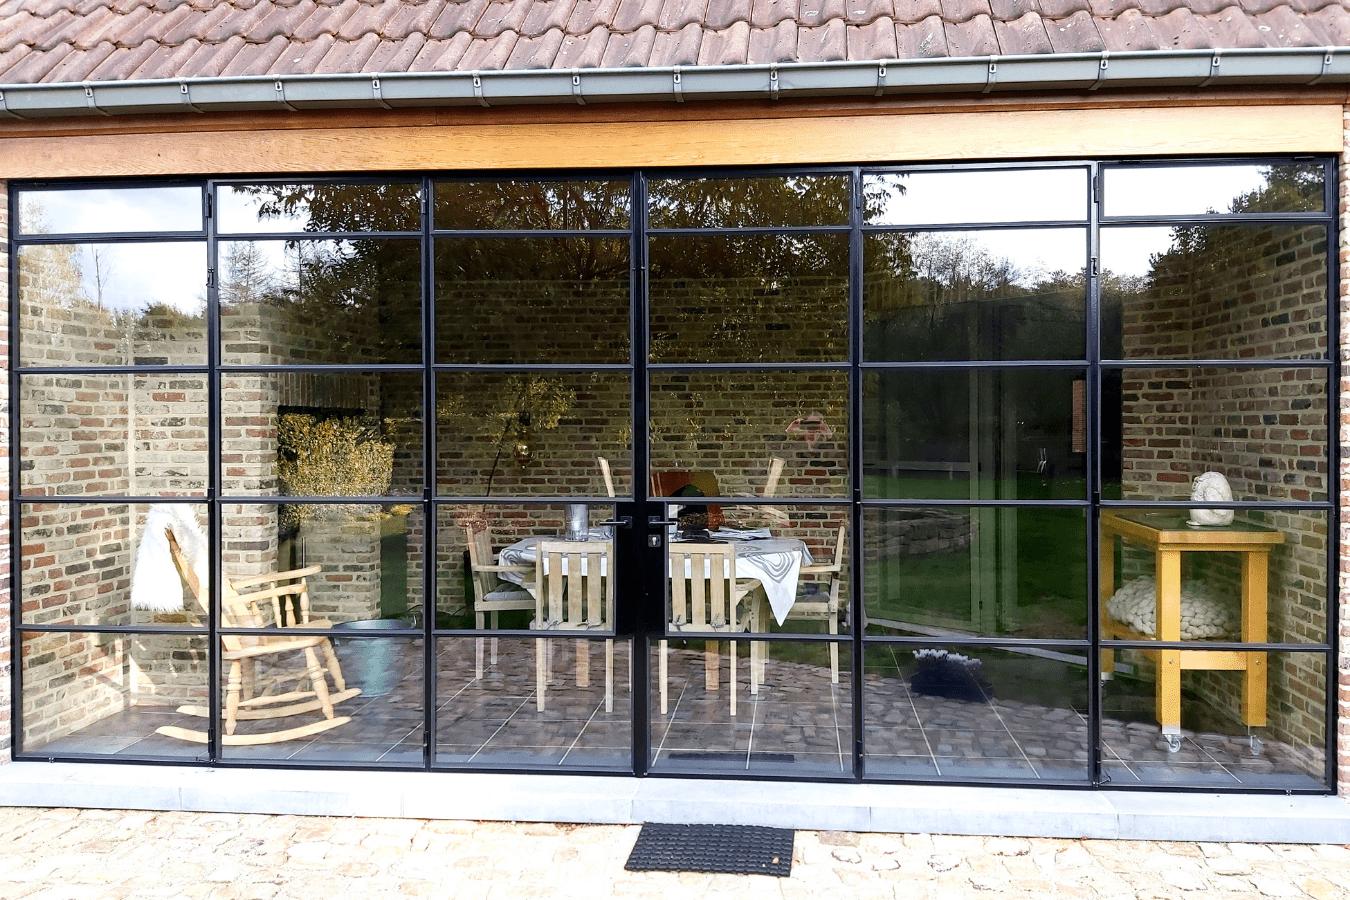 tuinhuis met stalen vouwdeuren op maat, project langdorp, stalendeurenhuys